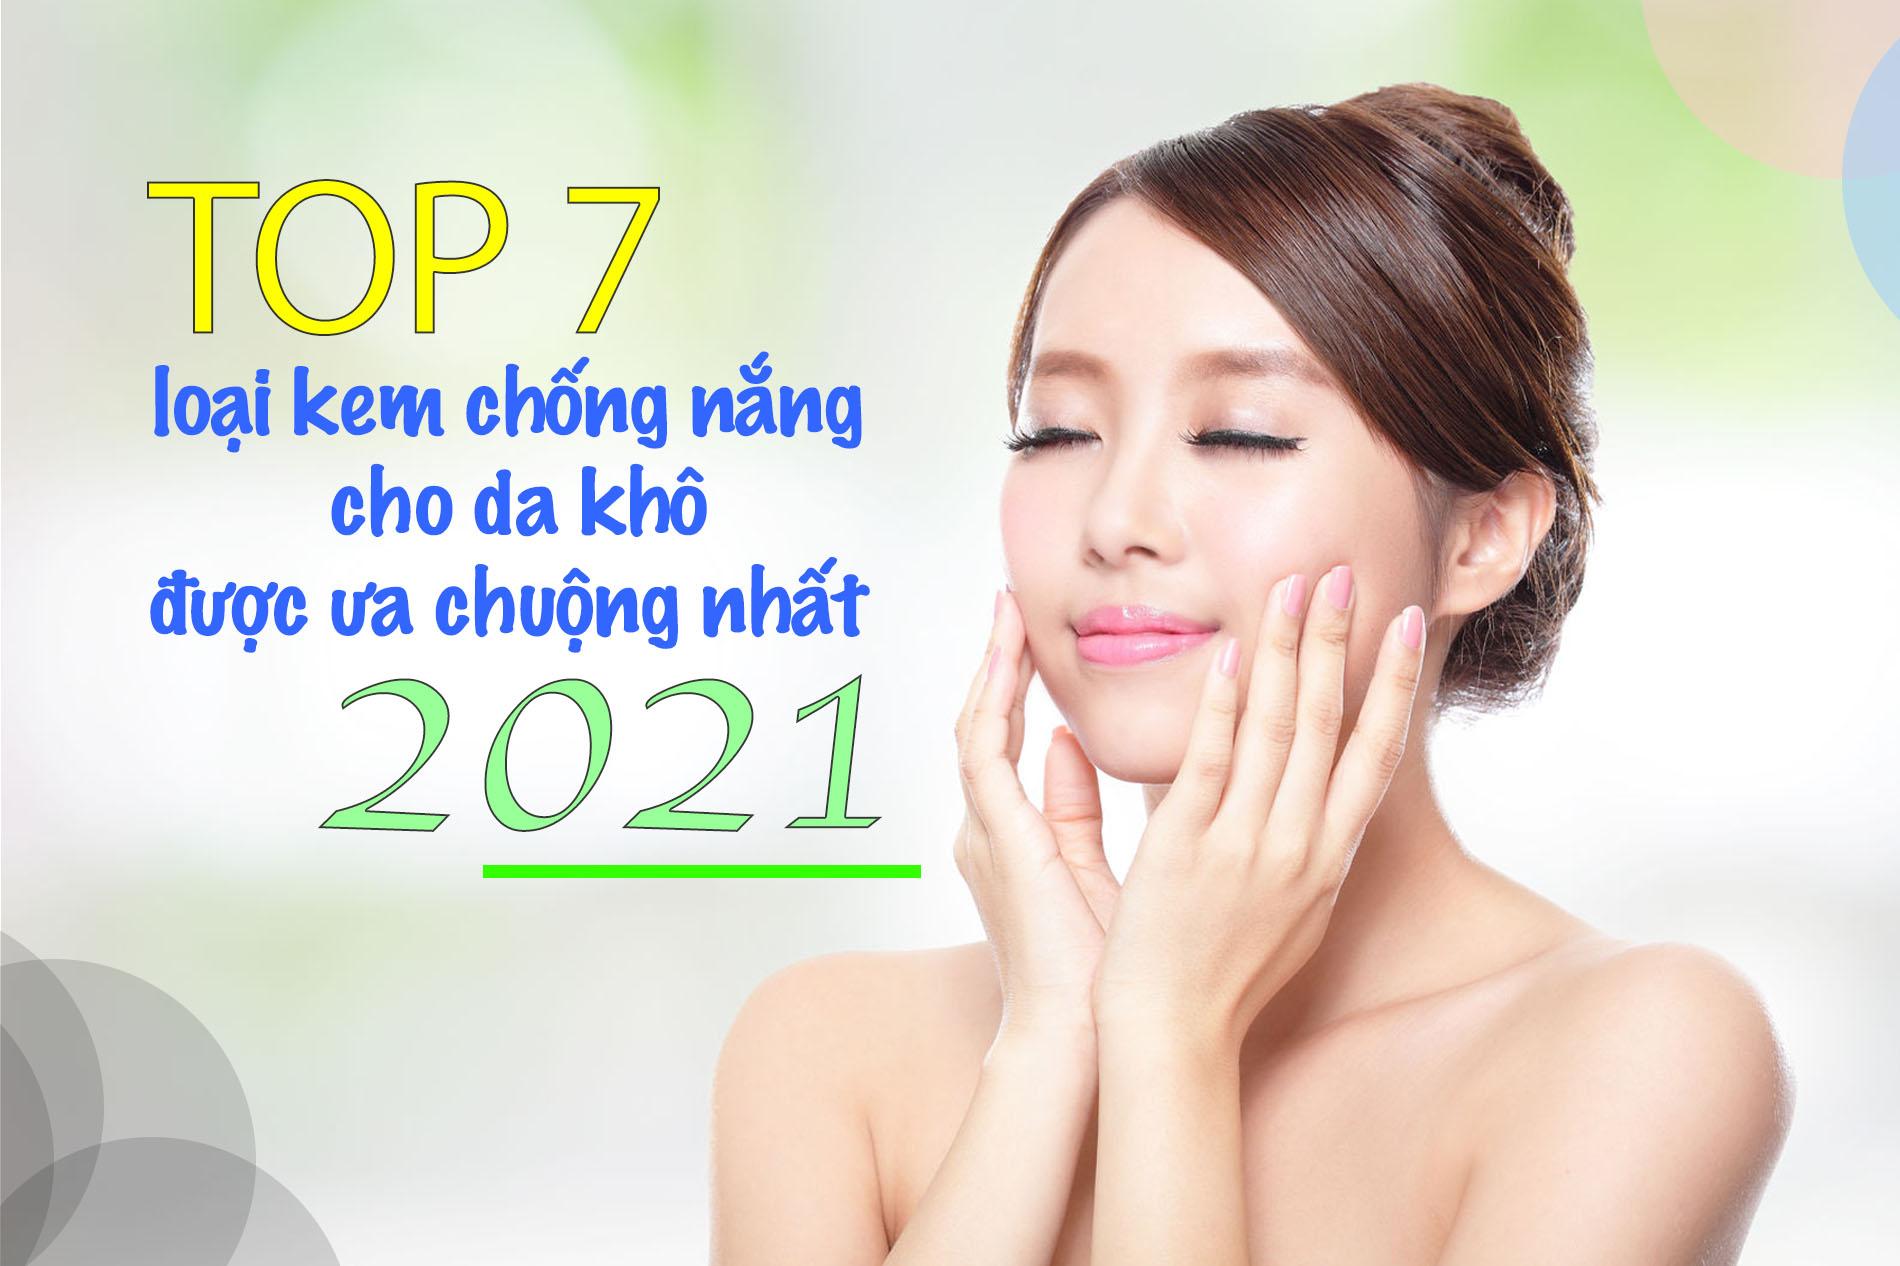 Top các loại kem chống nắng cho da khô được ưa chuộng nhất 2021